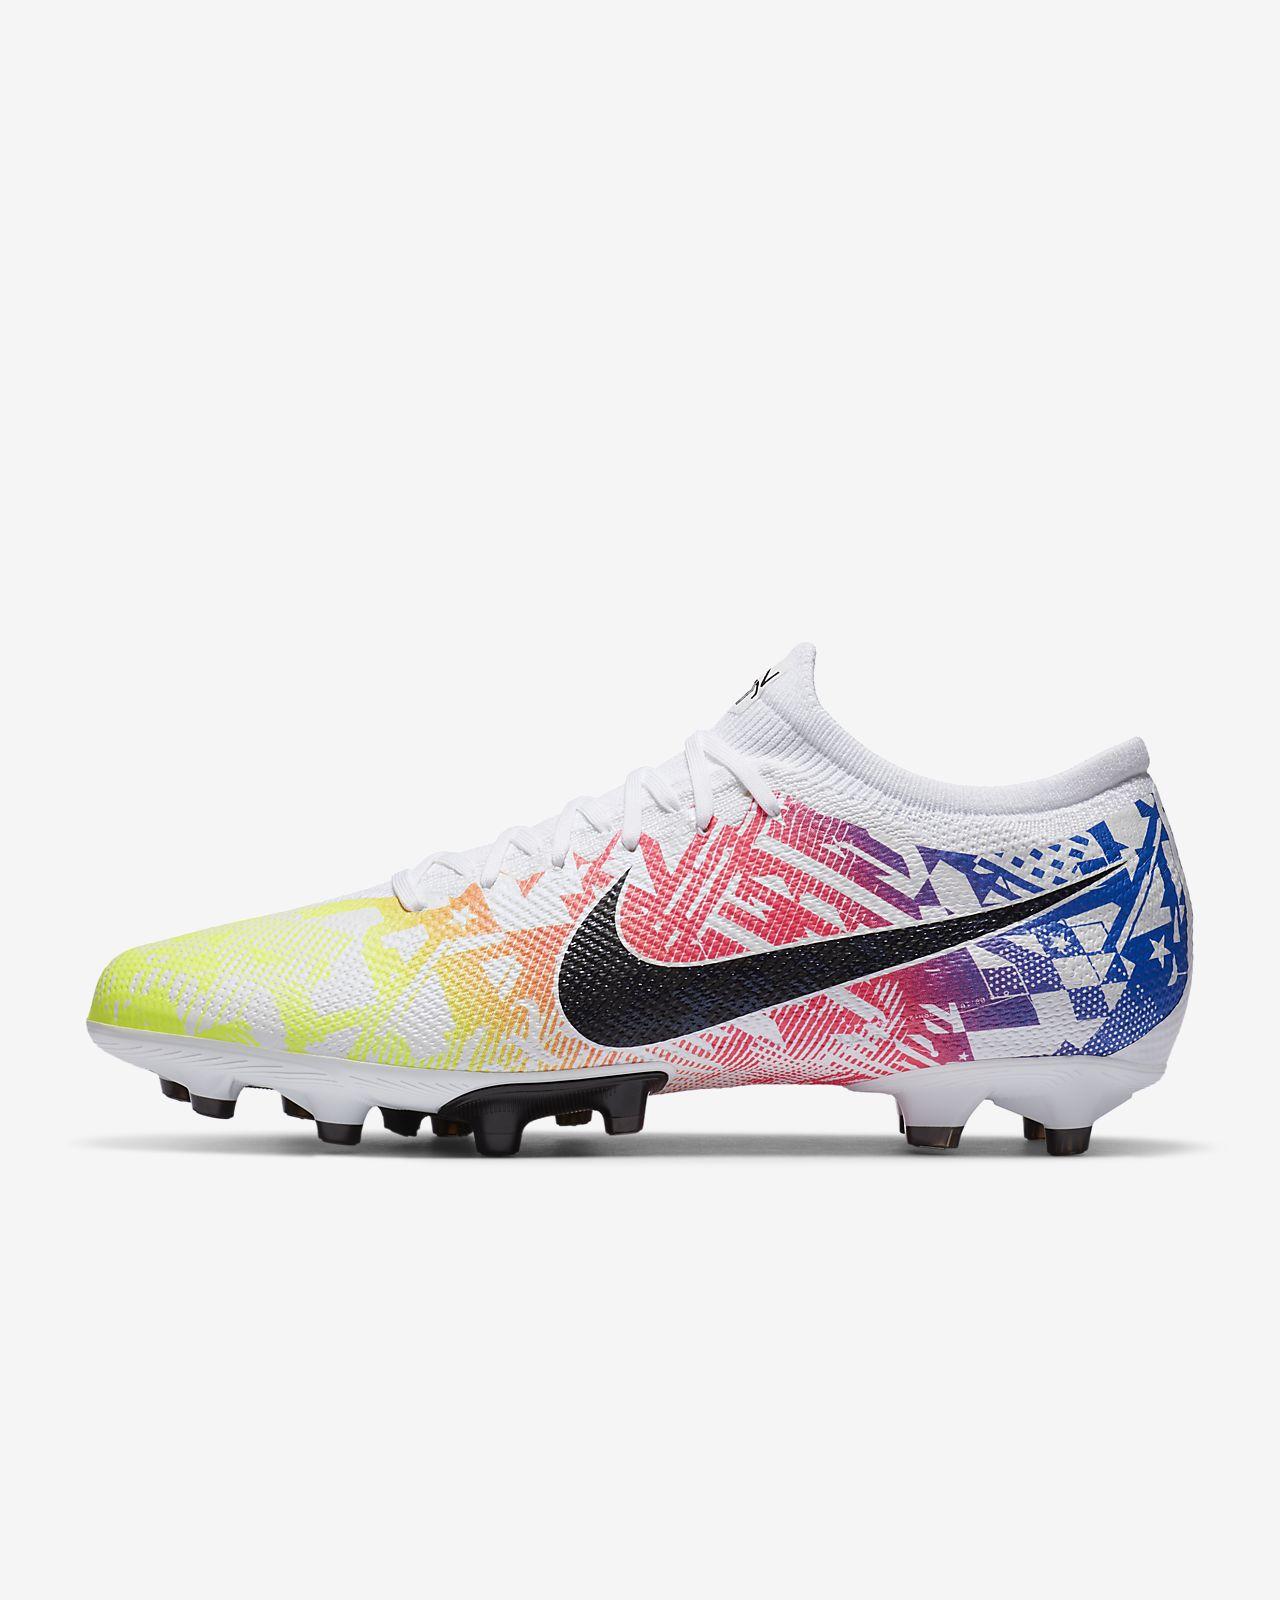 Chaussure de football à crampons pour terrain synthétique Nike Mercurial Vapor 13 Pro Neymar Jr. AG-PRO